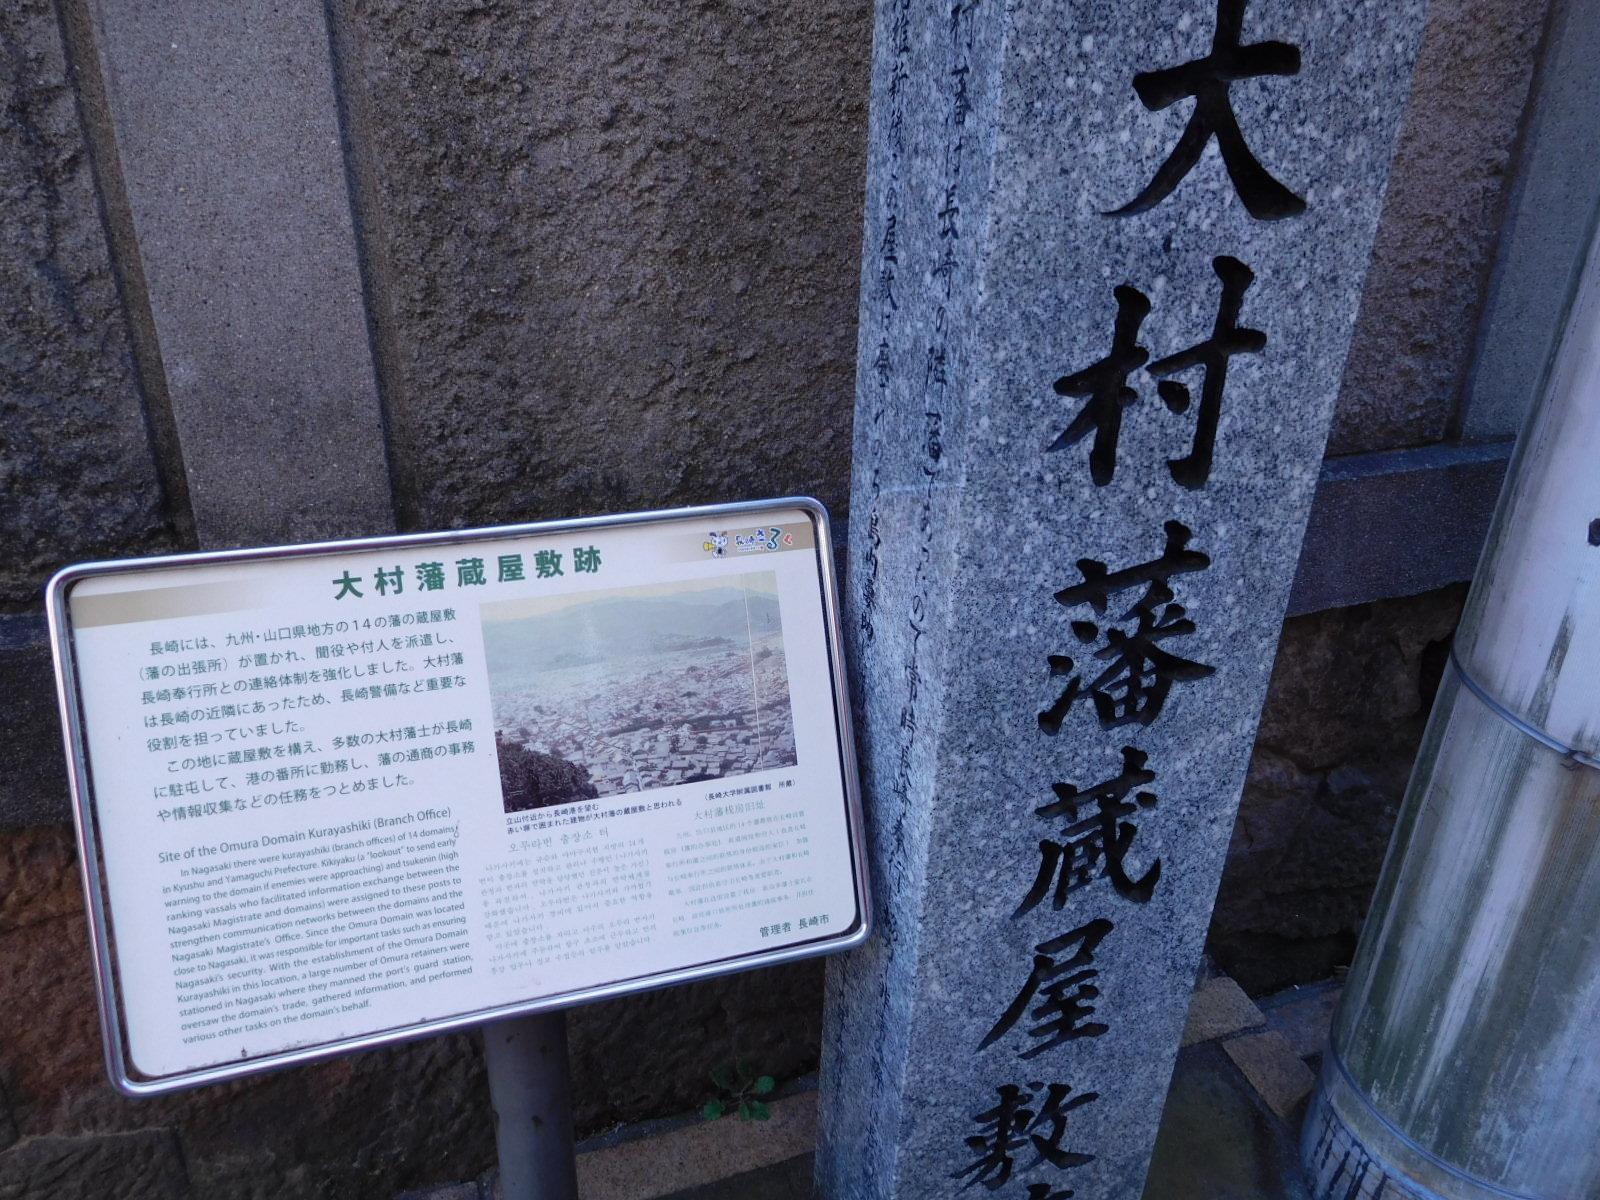 DSCN9467.jpg